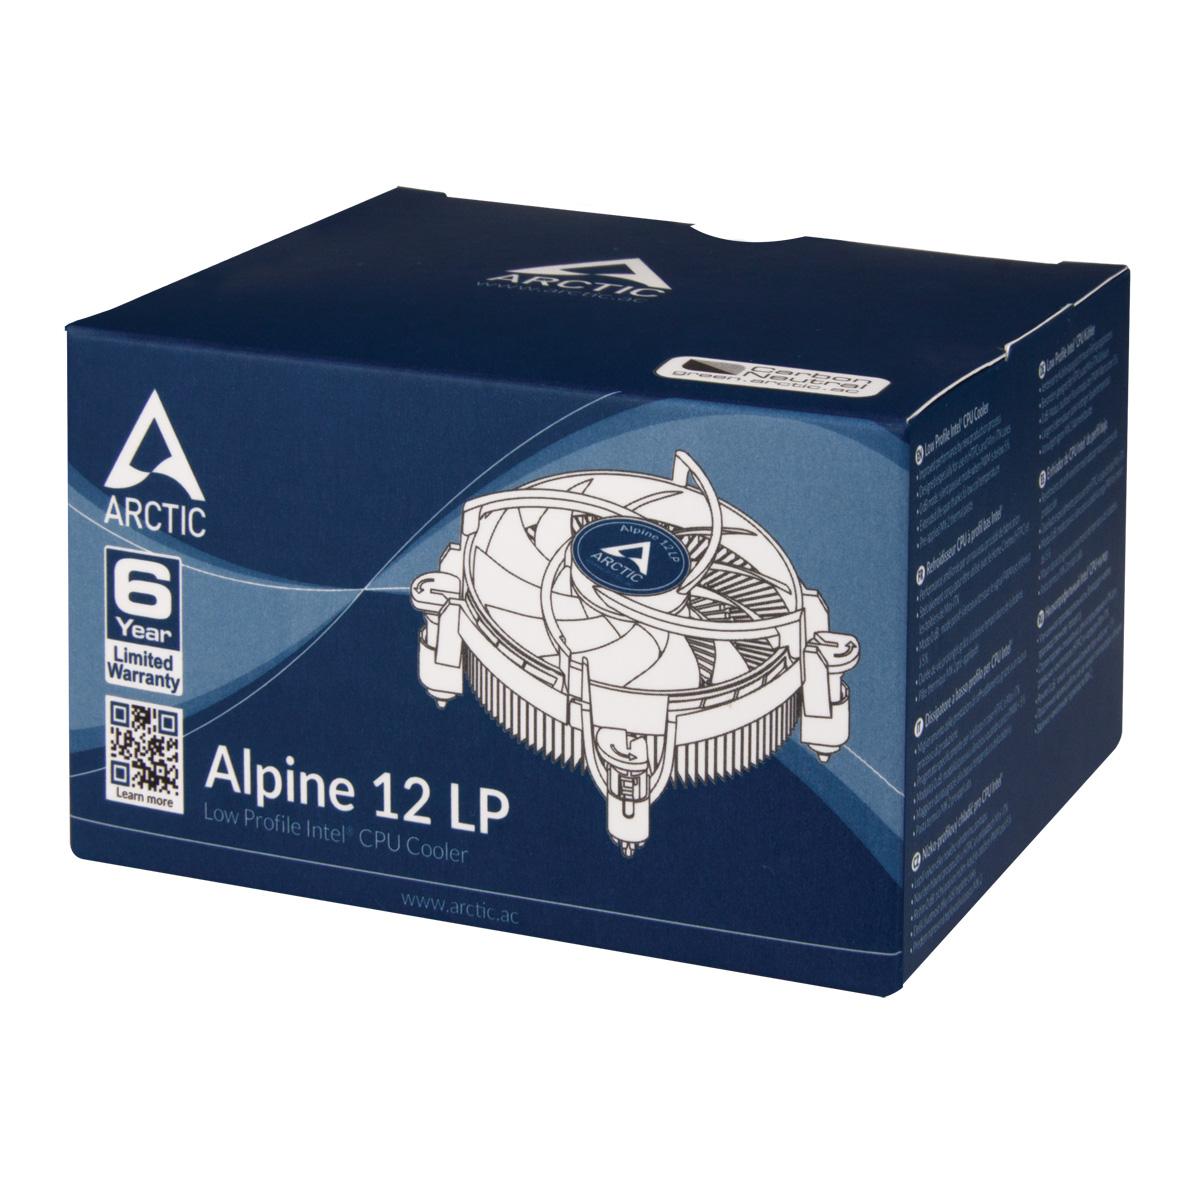 Alpine 12 LP